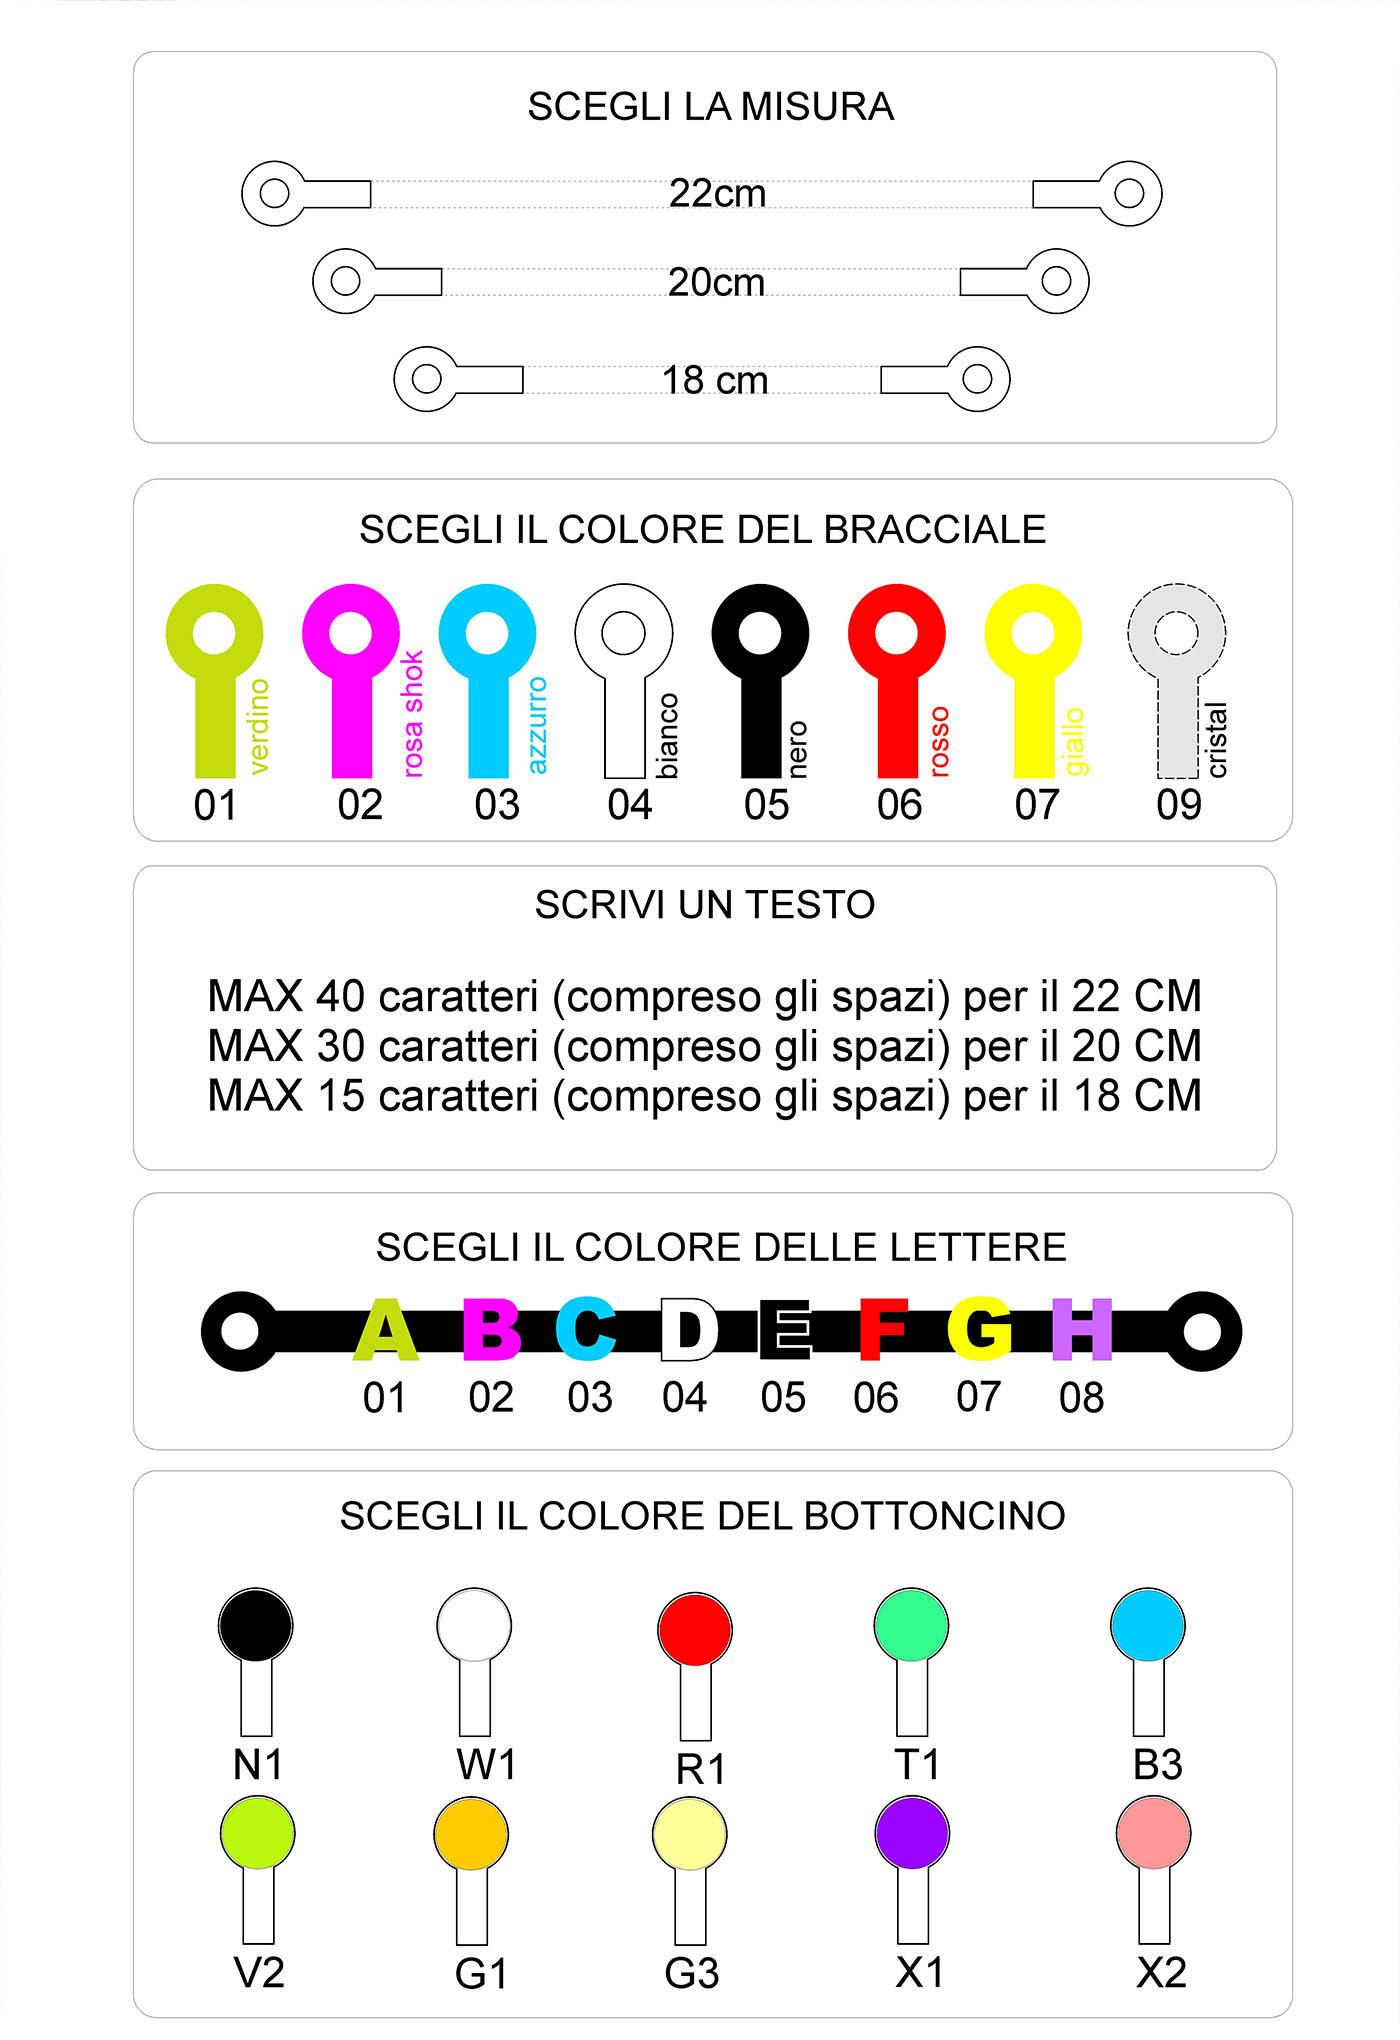 schema-colori